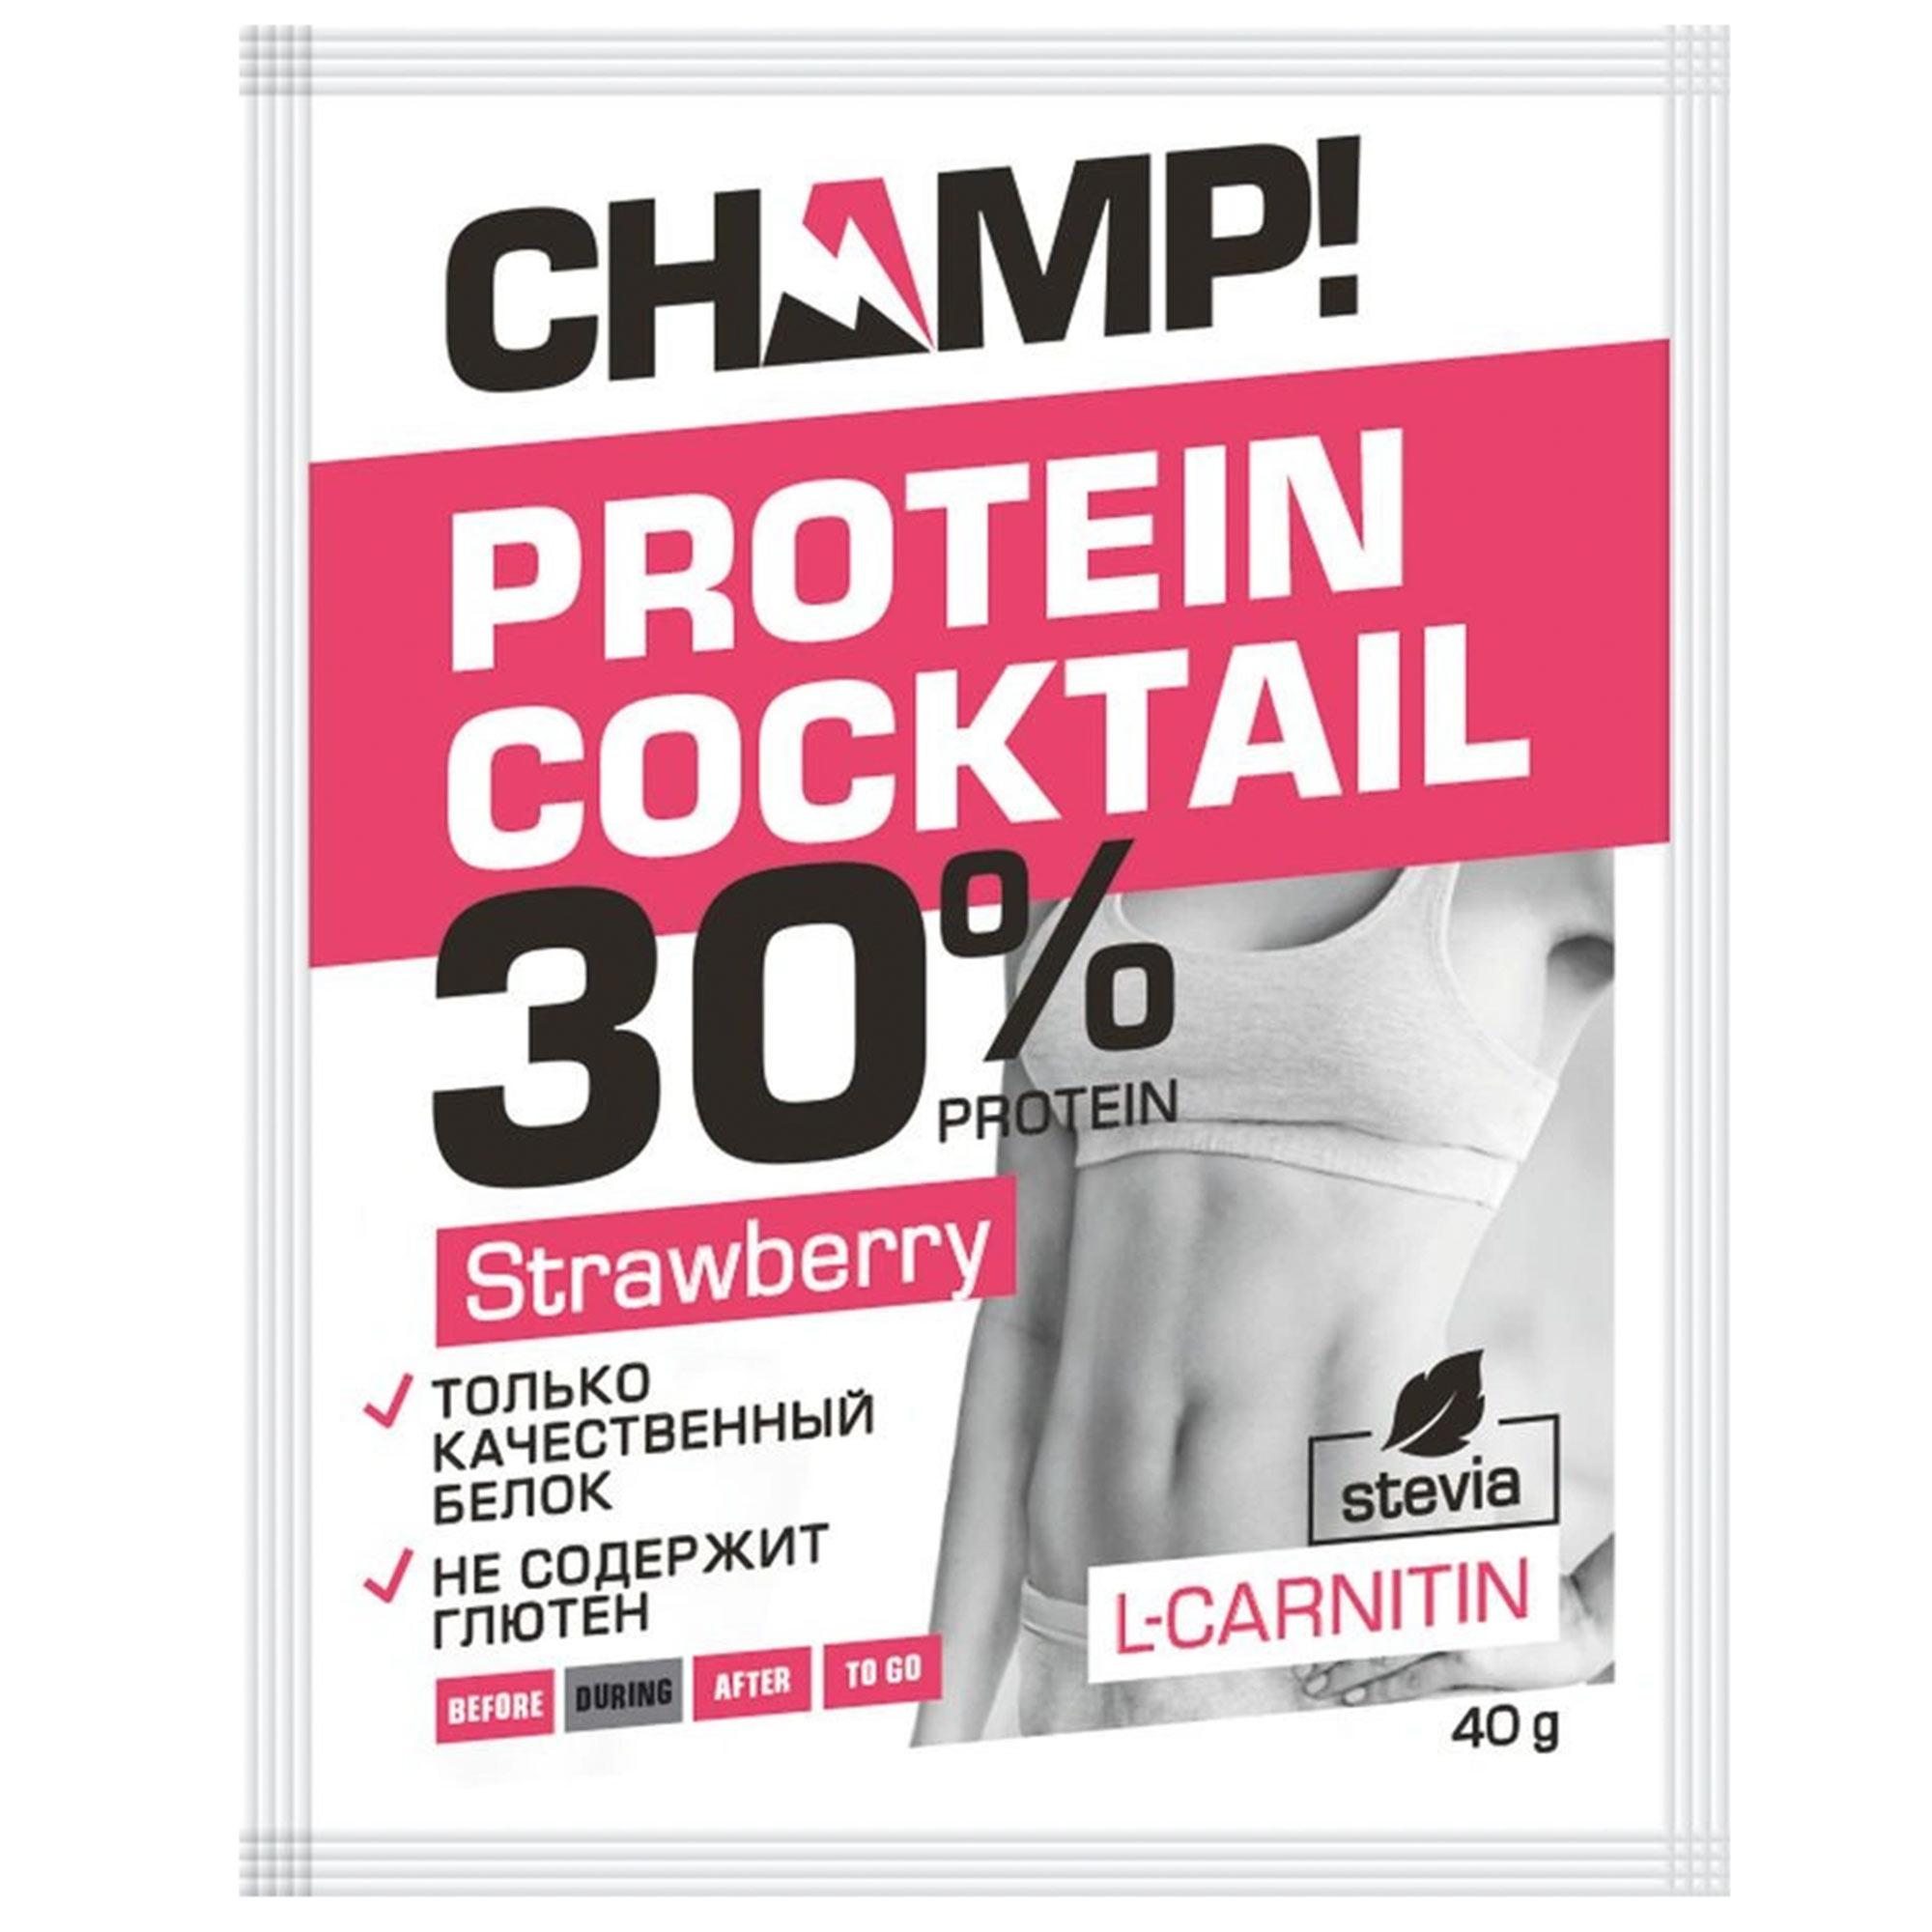 Коктейль протеиновый Champ Клубничный 40 г недорого